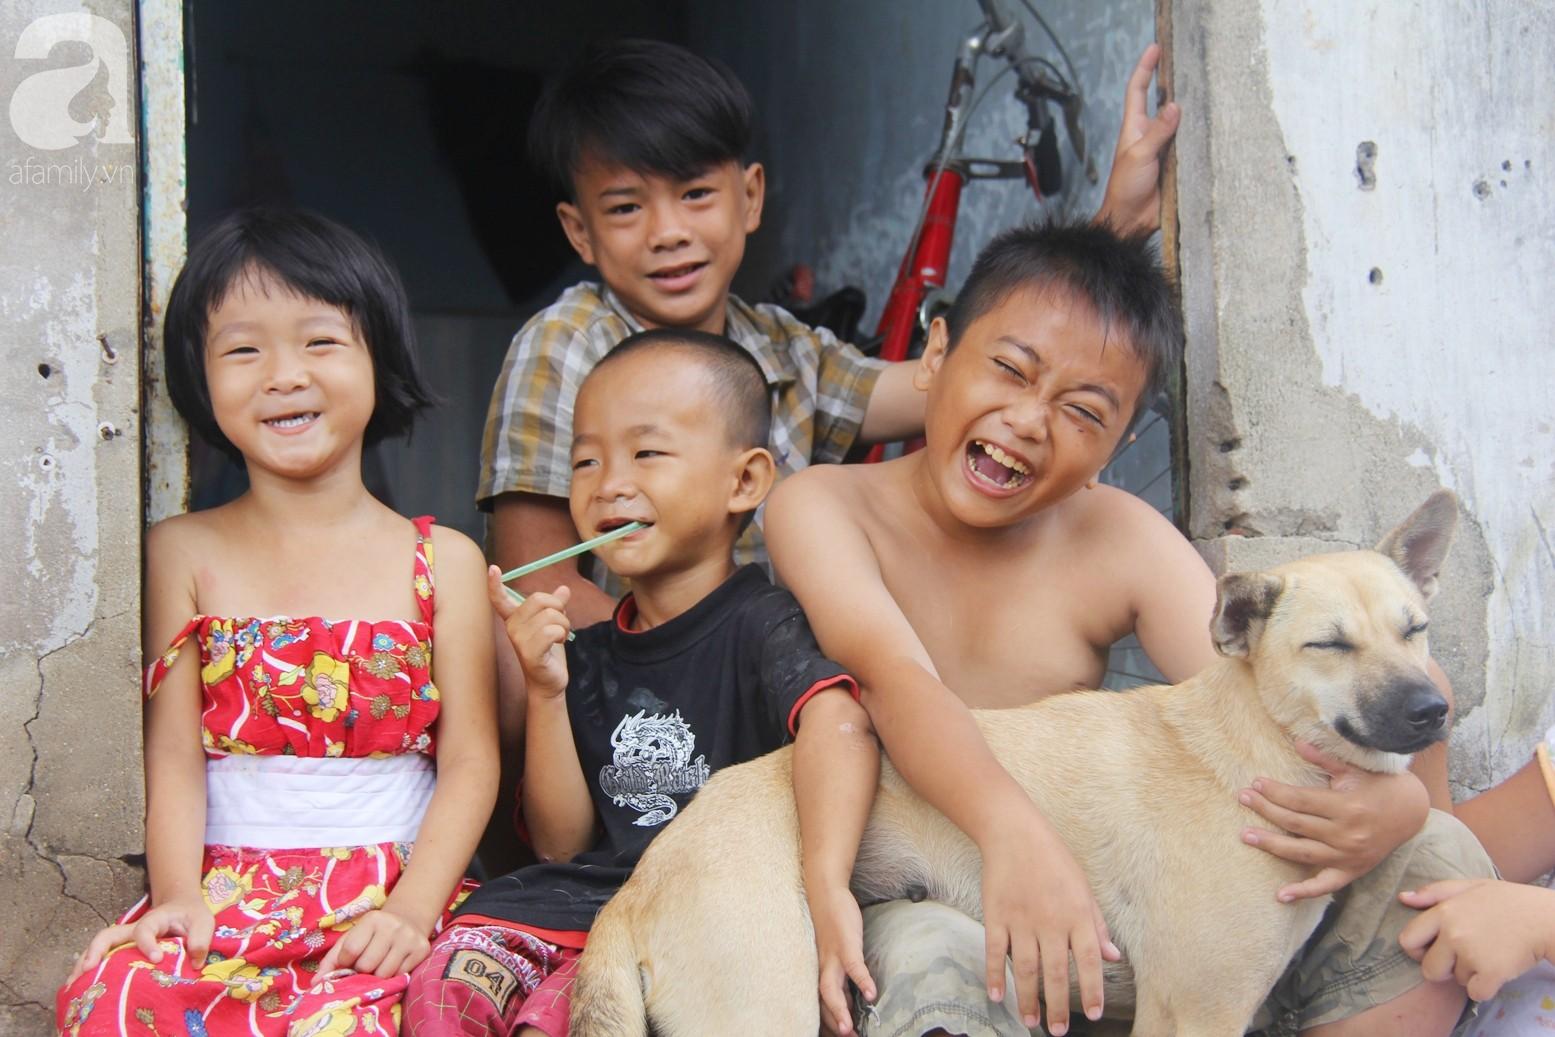 Phép màu đến với 8 đứa trẻ sống nheo nhóc bên bà ngoại già bại liệt: Tụi con ăn cơm với cá thịt và sắp được đến trường - Ảnh 8.